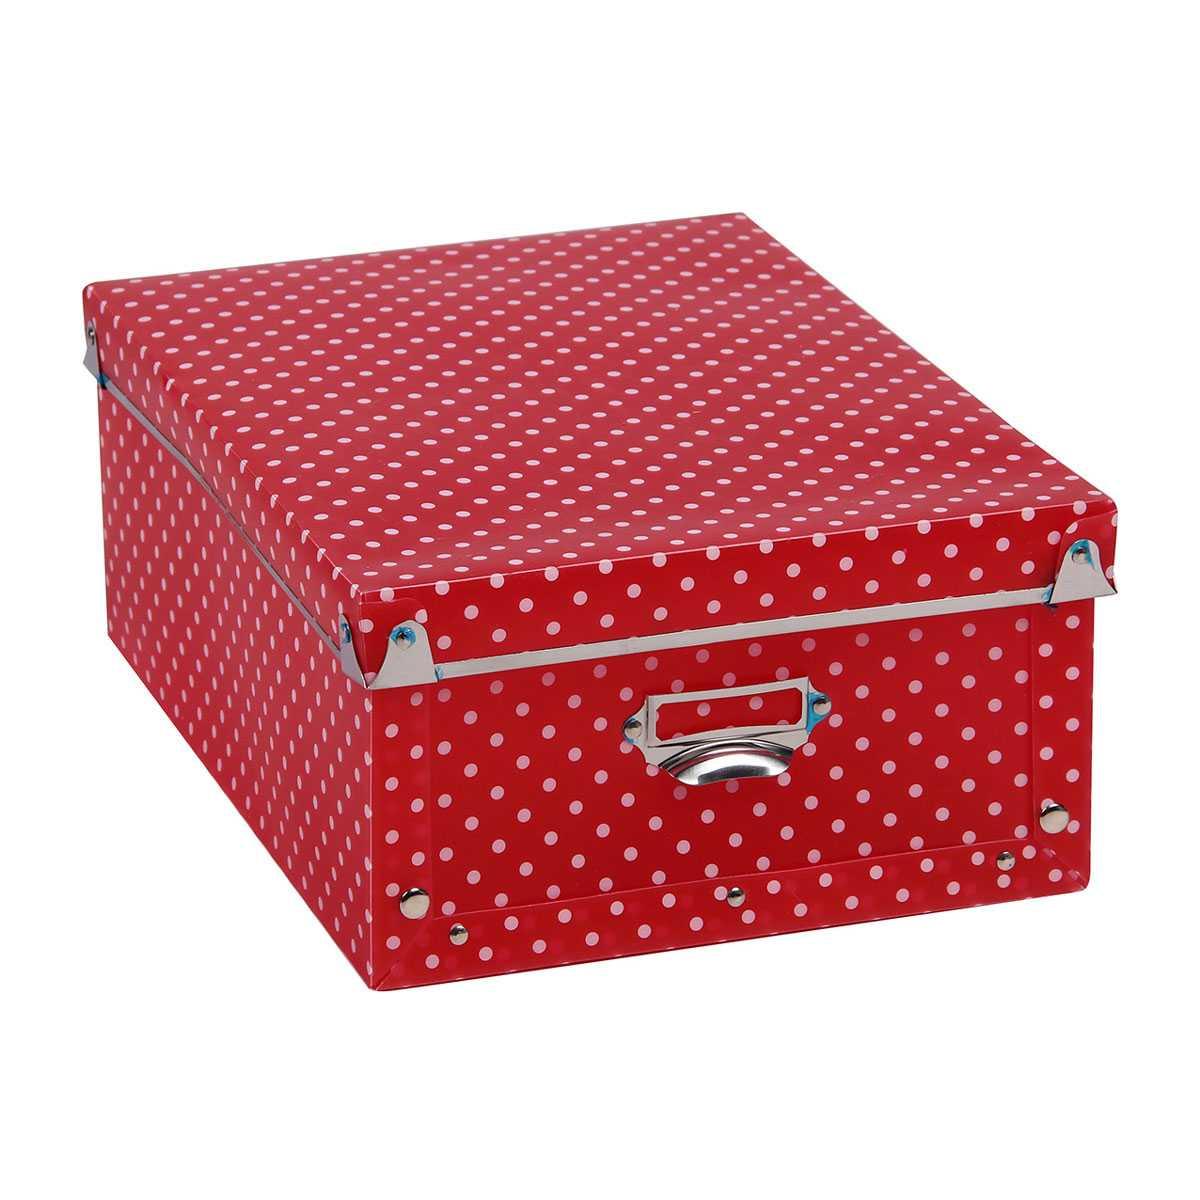 Коробка для хранения Miolla складная, красный кофр для хранения miolla 38 x 25 x 56 см